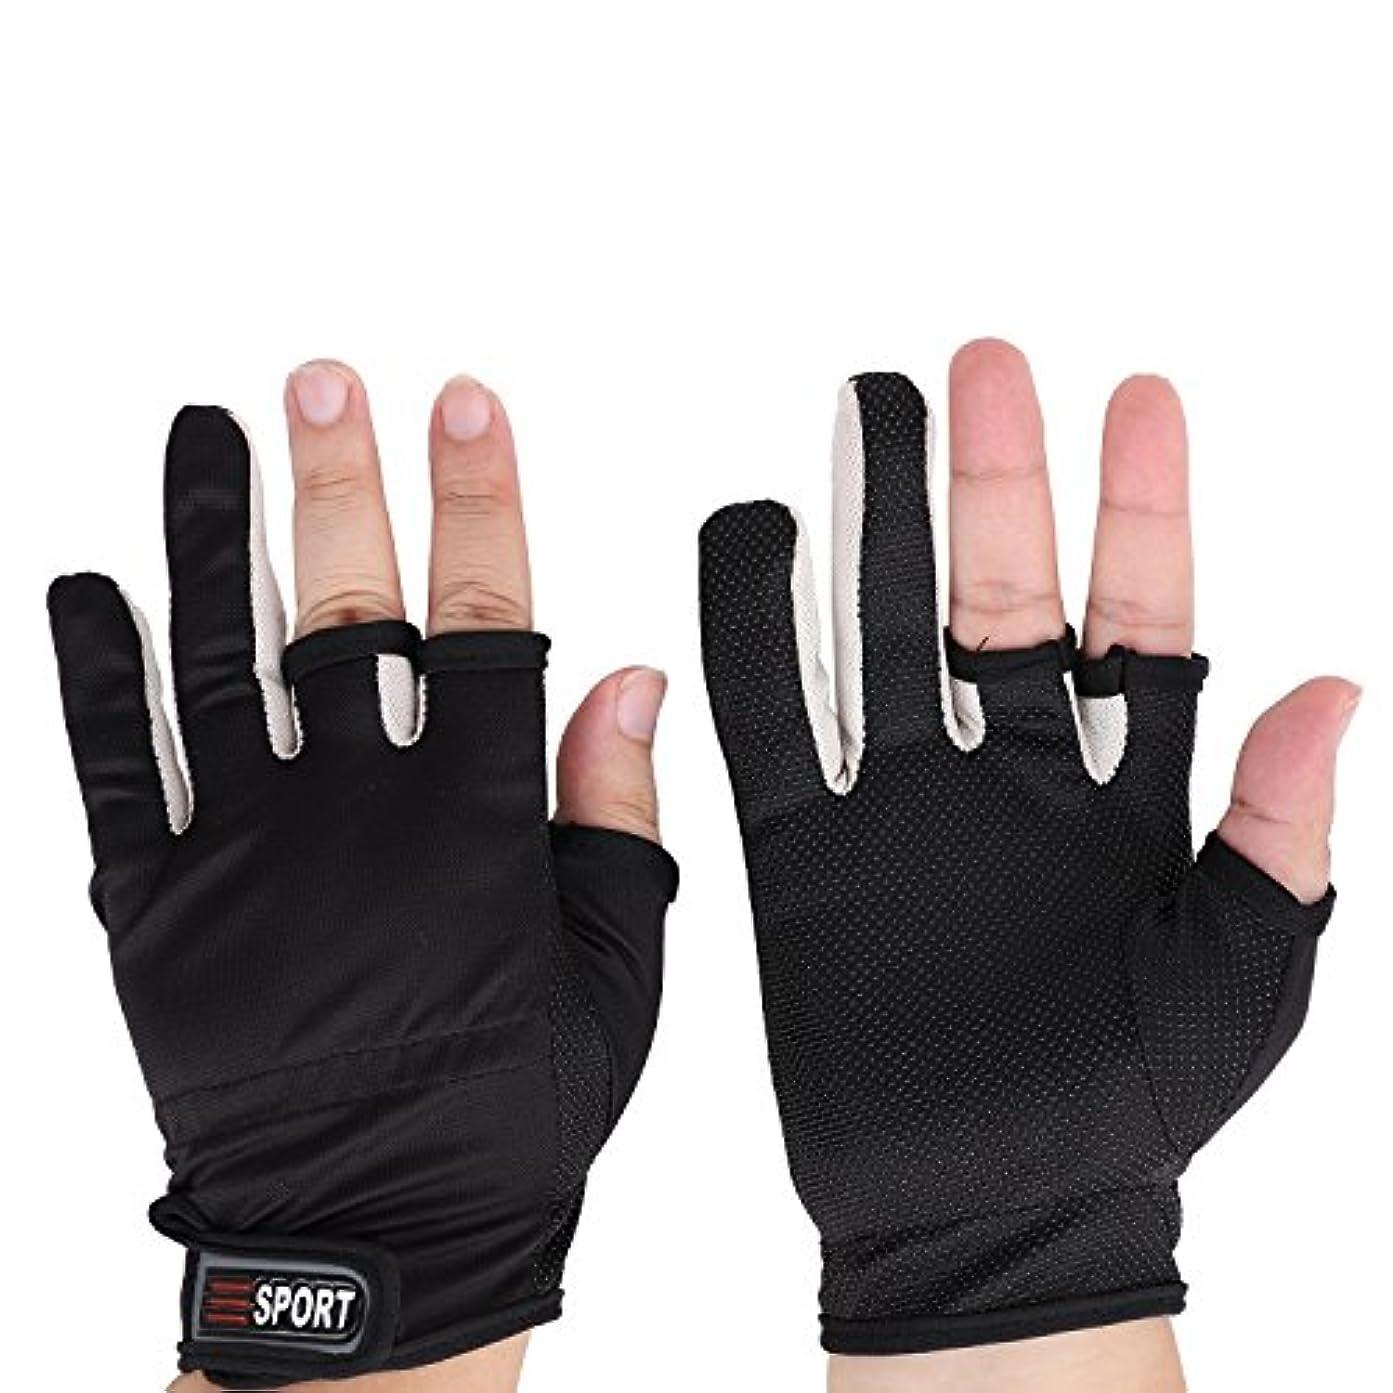 知らせる令状記者釣り用手袋 3本カットフィッシンググローブ 指を保護 釣道具 男性用 アウトドア グローブ 釣り 防水 防寒 保温 防風 通気性 伸縮性 吸湿発散性 滑り止め 2個入り 2色